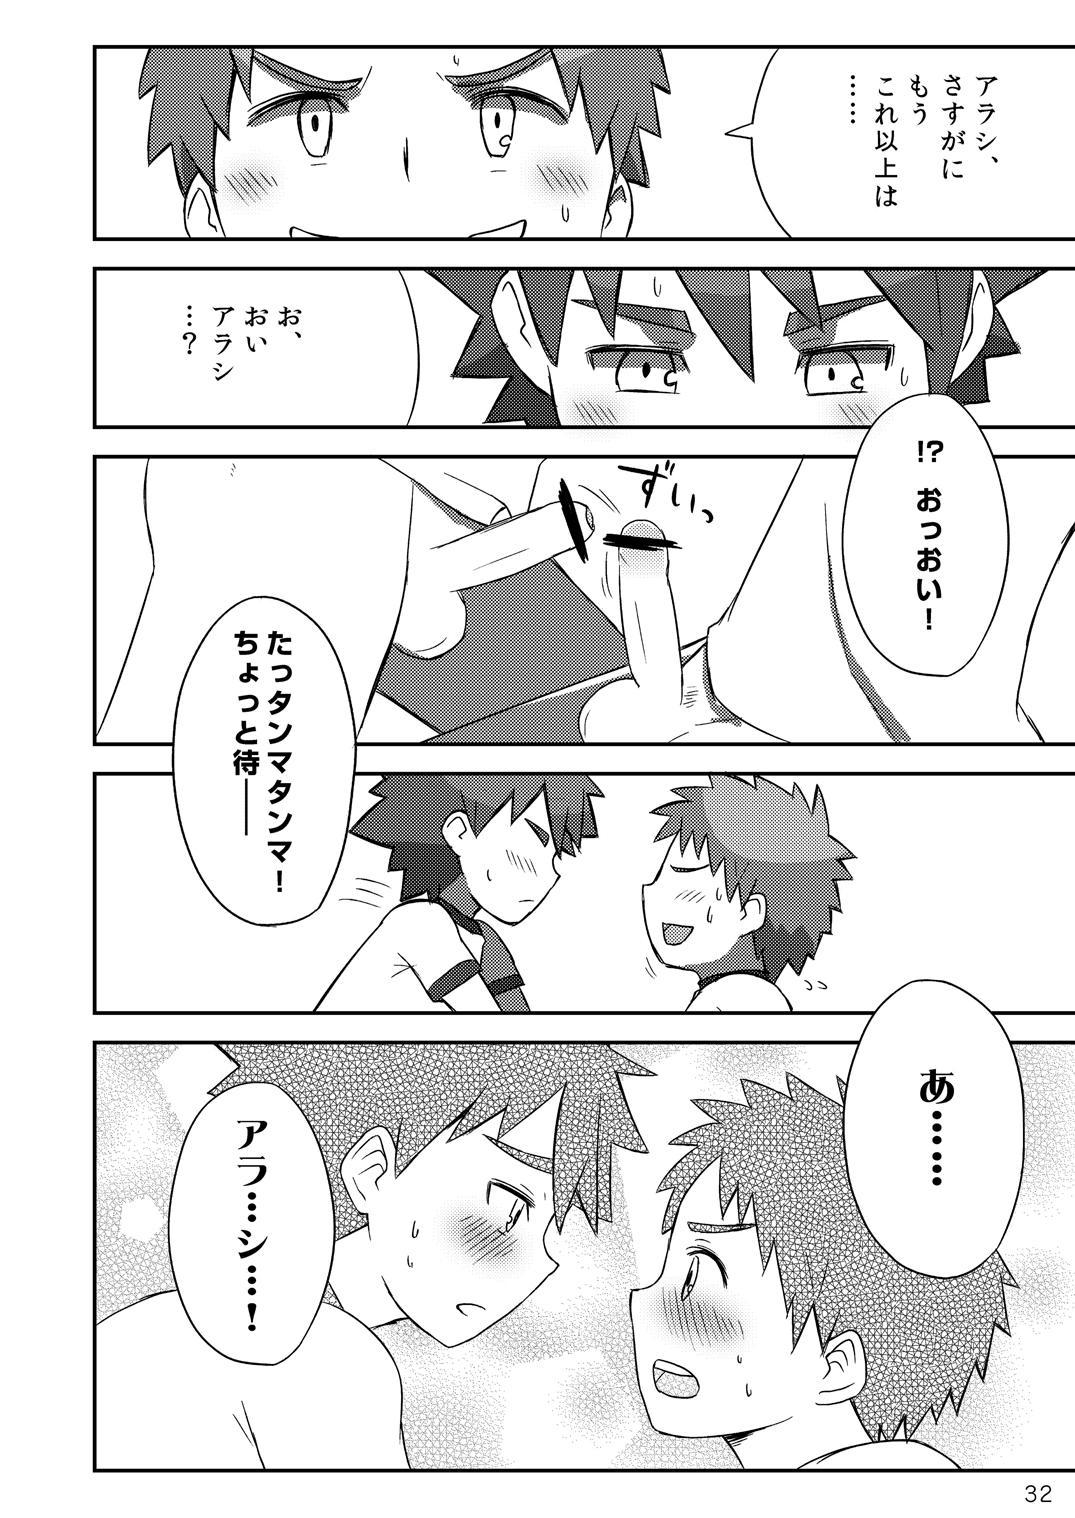 (Shota Scratch 18) [Drum-Kan (Kine)] Arashi-kun to Keiichi-kun. 31